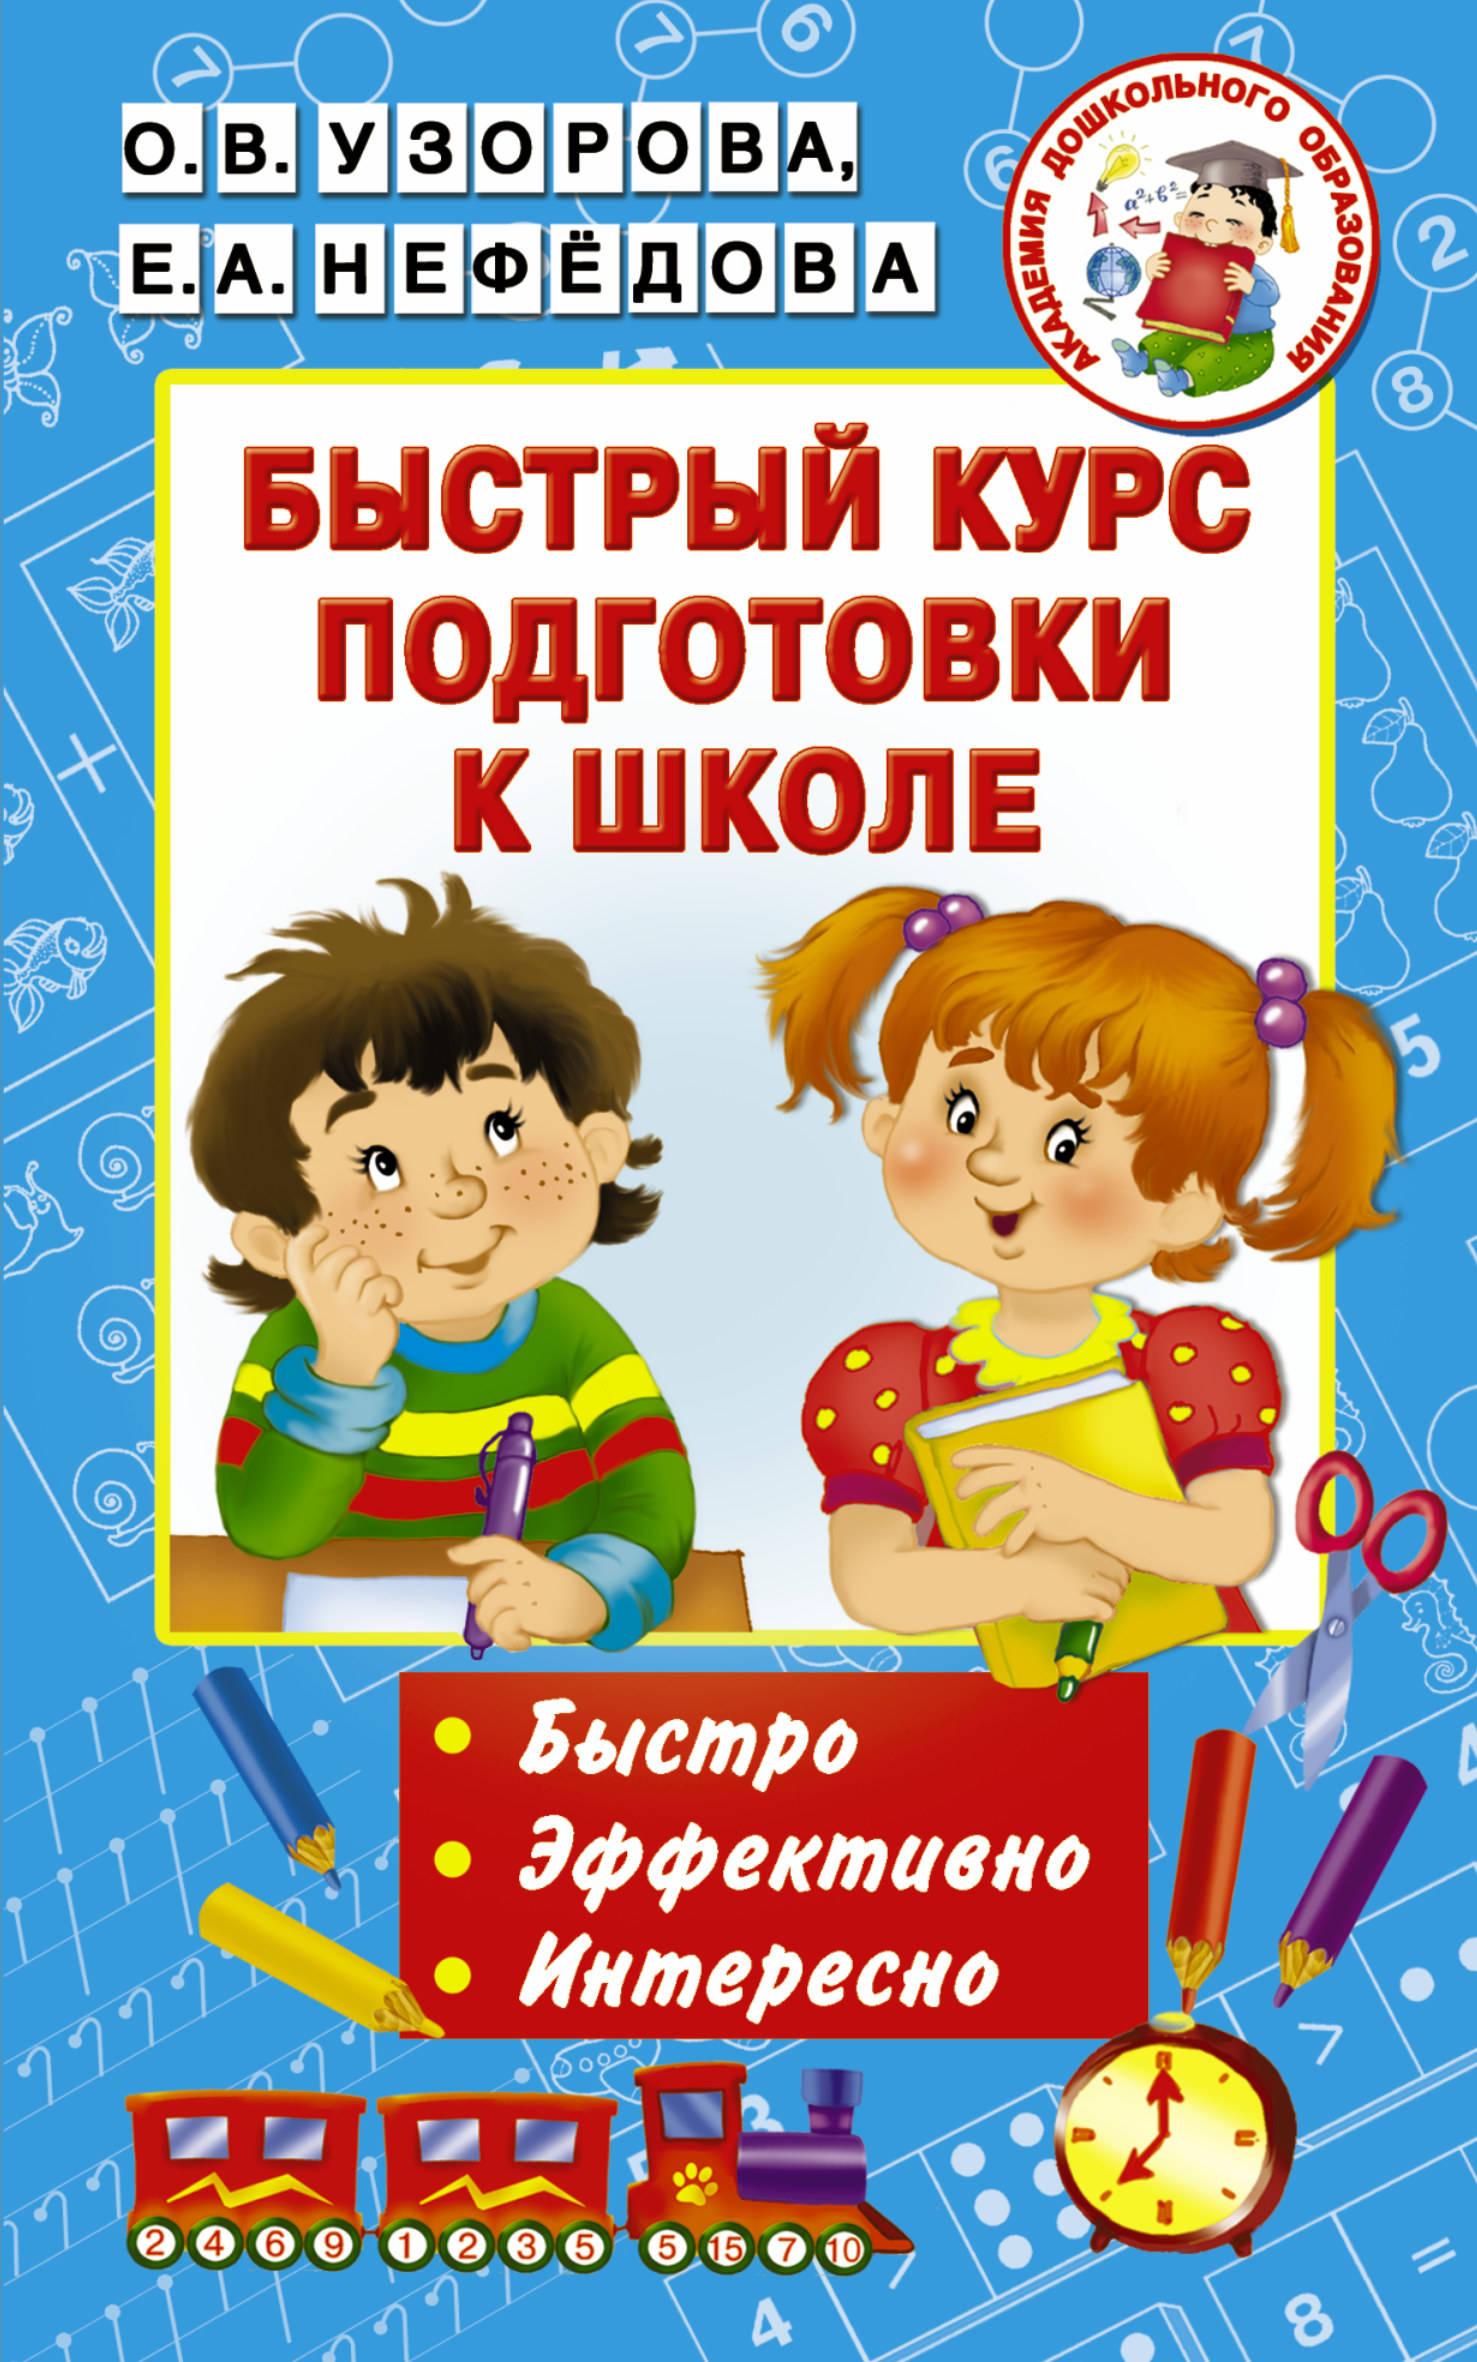 Быстрый курс подготовки к школе ( Узорова О.В., Нефедова Е.А.  )